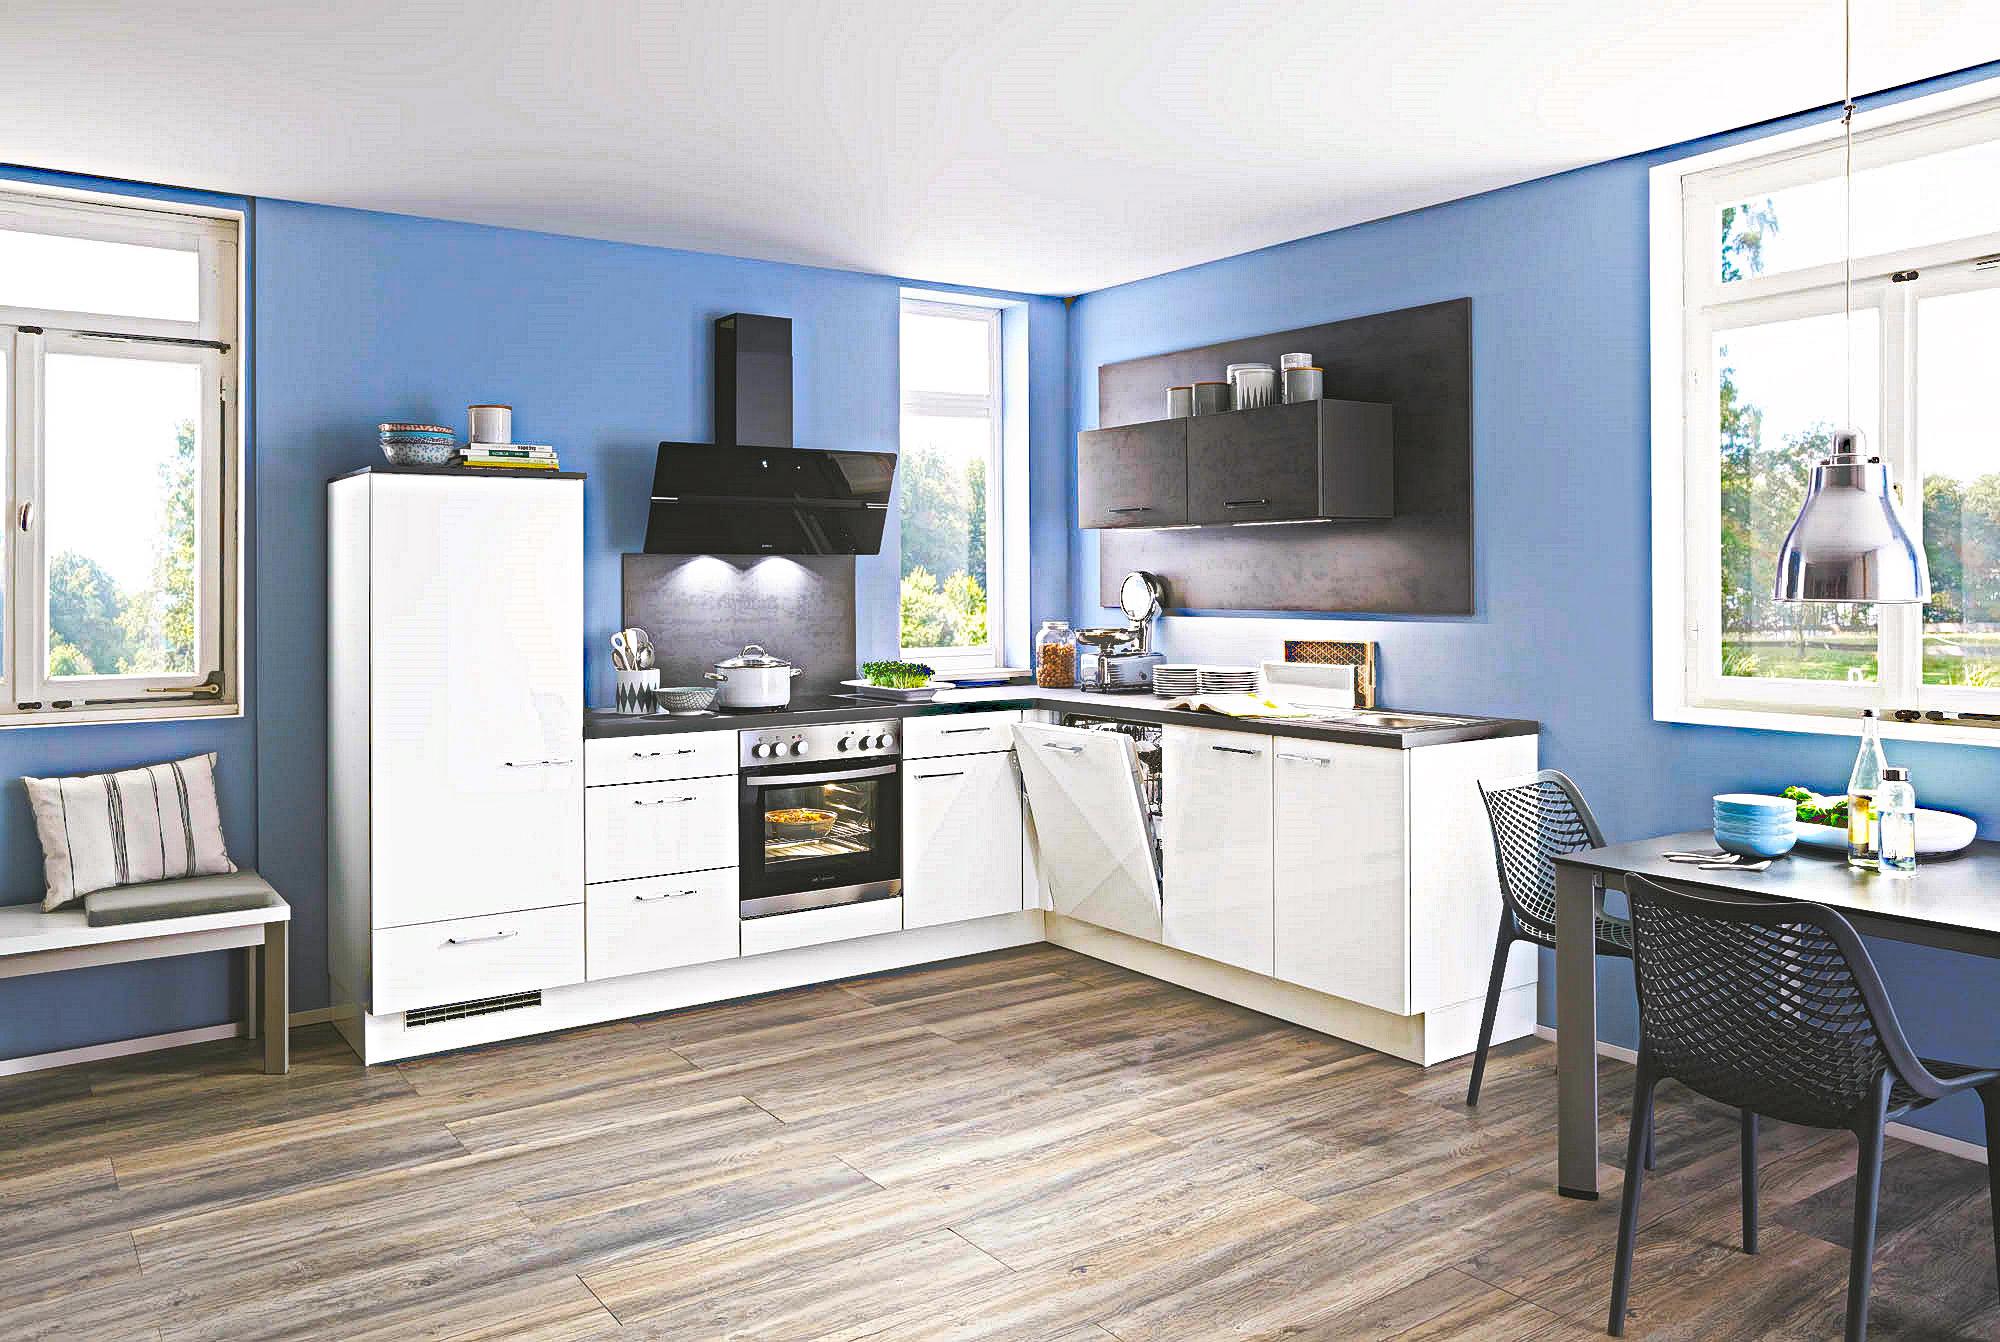 Full Size of Kleine Küche Einbauküche Kleine Einbauküche Ikea Kleine Einbauküche Mit Elektrogeräten Kleine Einbauküche L Form Küche Kleine Einbauküche